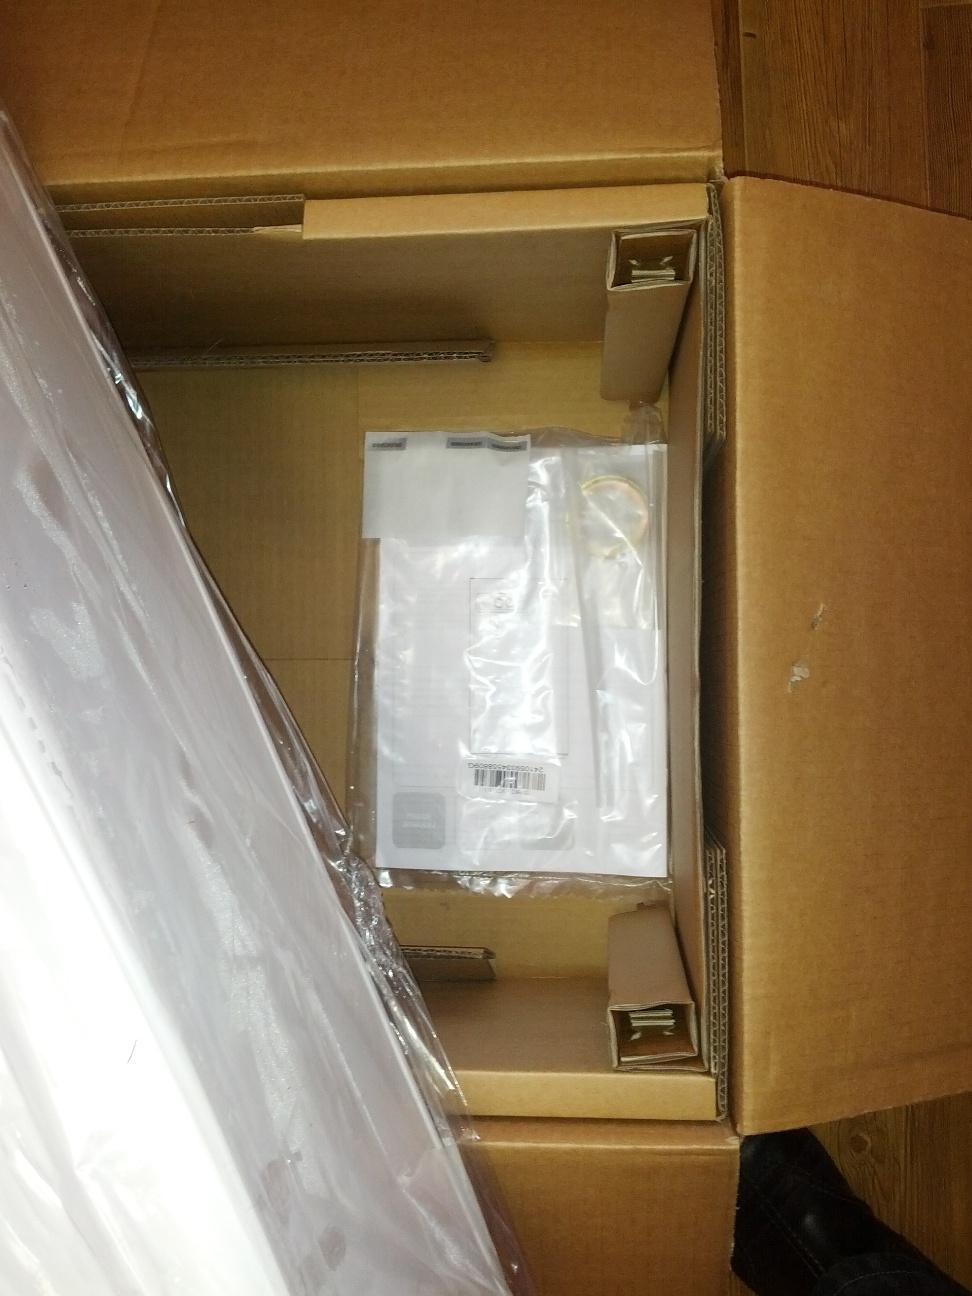 Инструкция в упаковке Beretta CITY 24 CSI